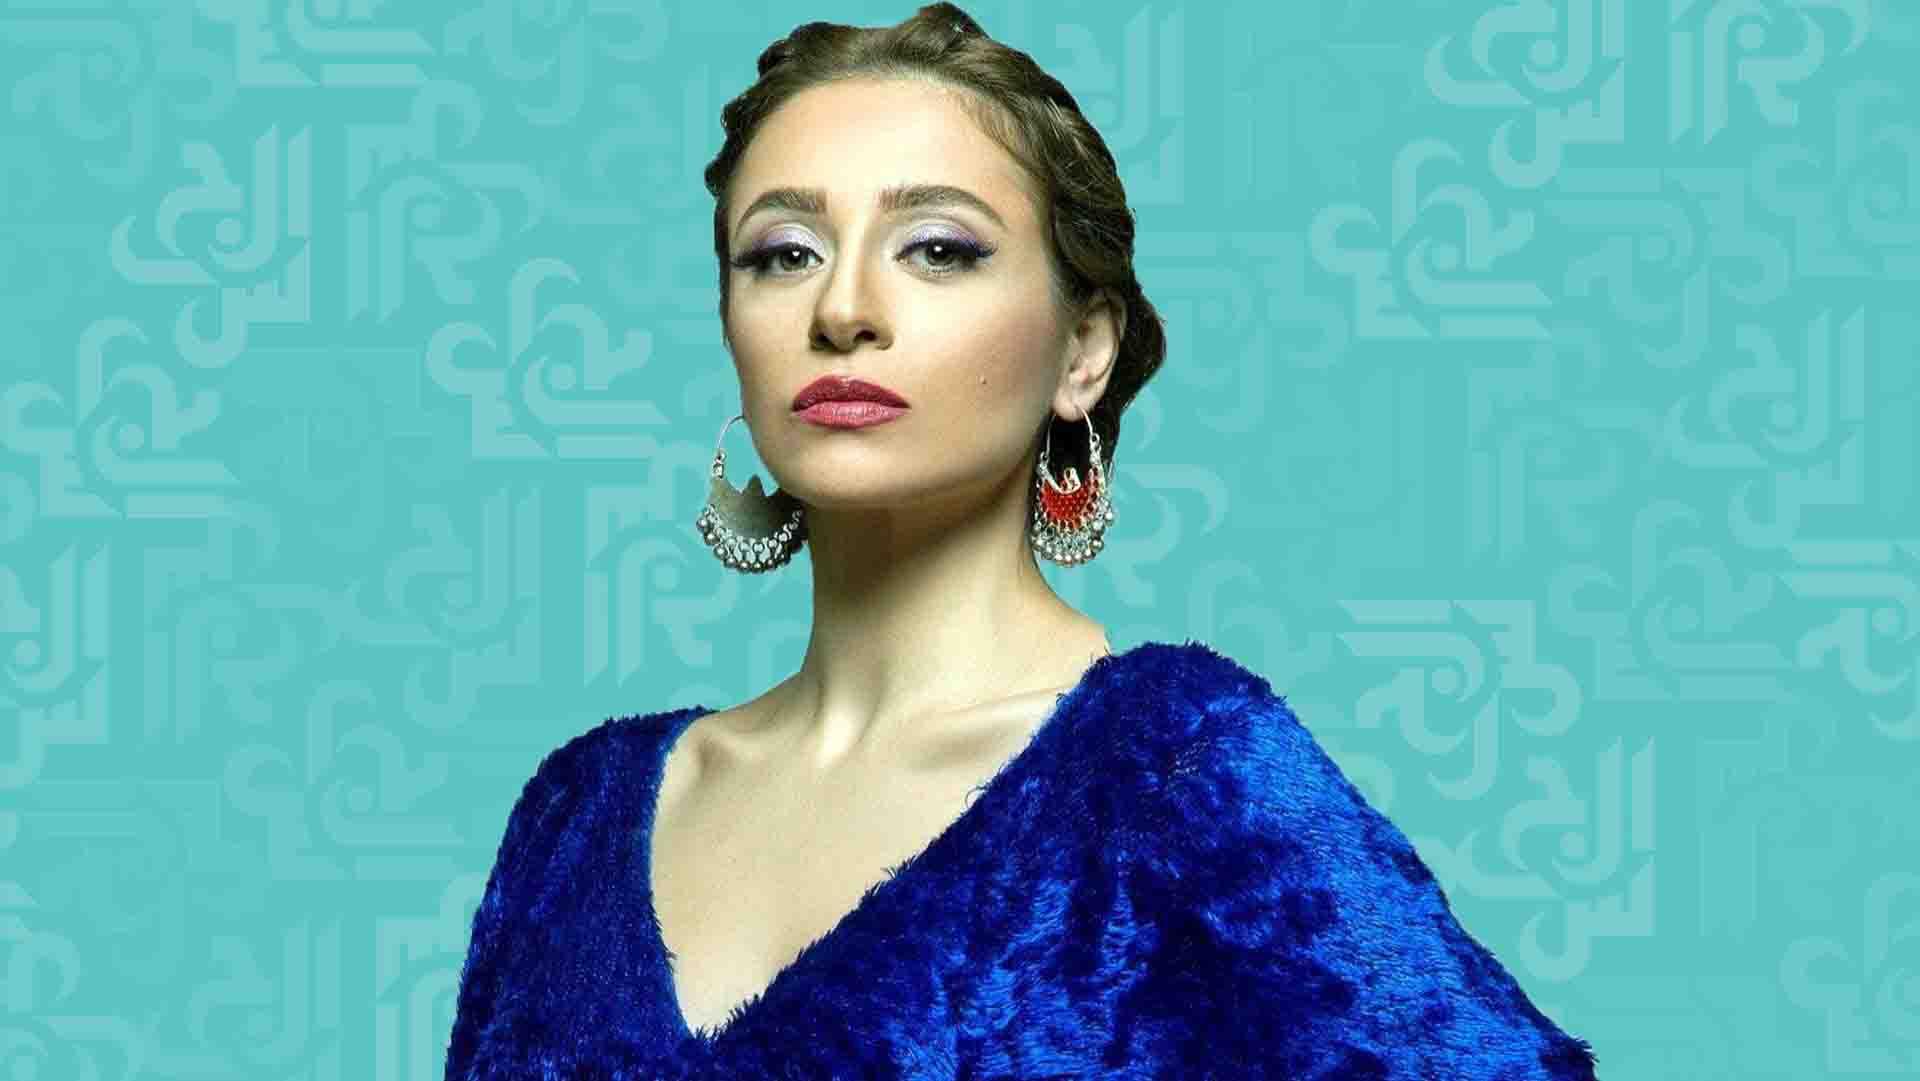 Maryam Hassan